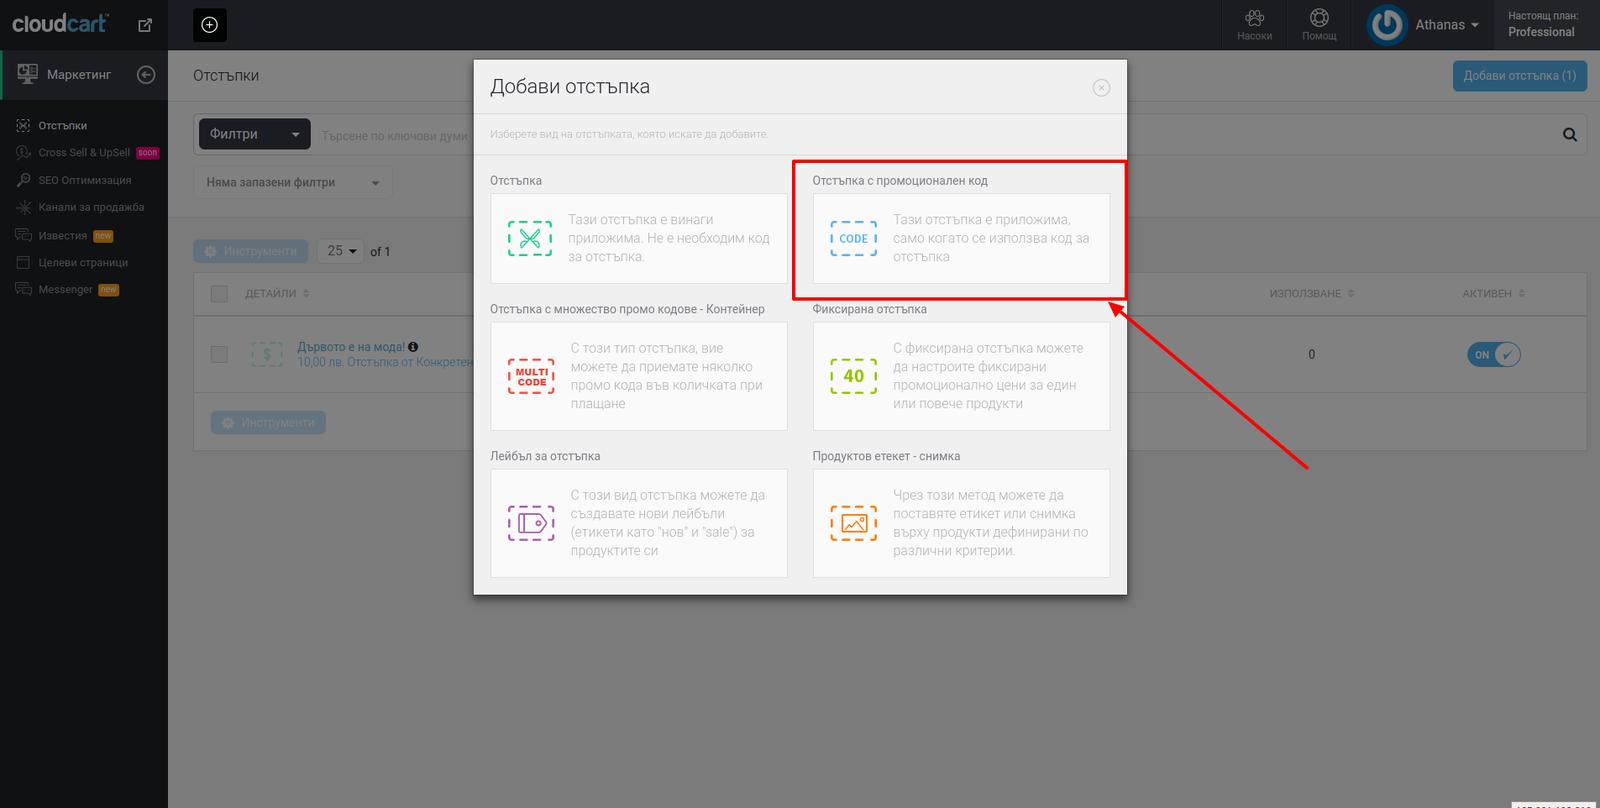 Достъп до секция Отстъпка с промоционален код